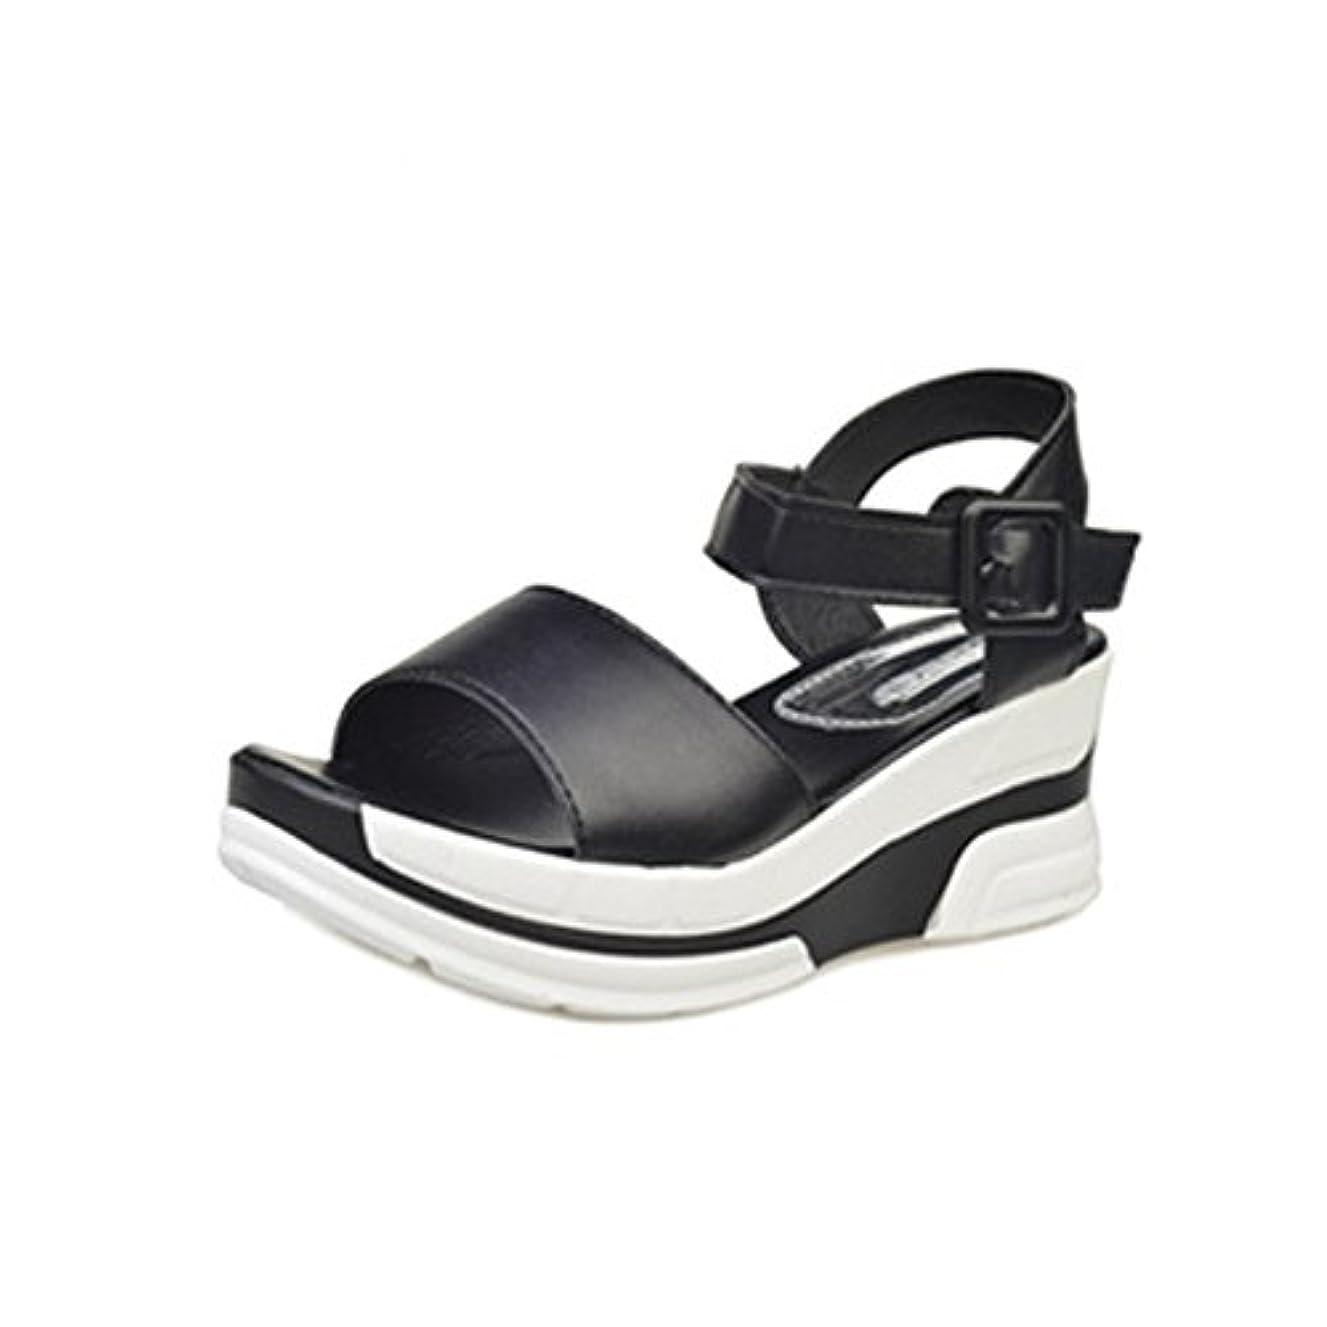 スリチンモイ購入里親[シューズ Foreted] サンダル フラット アンクルストラップ 美脚 フォーマル 厚底 おしゃれ 夏 歩きやすい コンフォート ウェッジソール ぺたんこ靴 可愛い